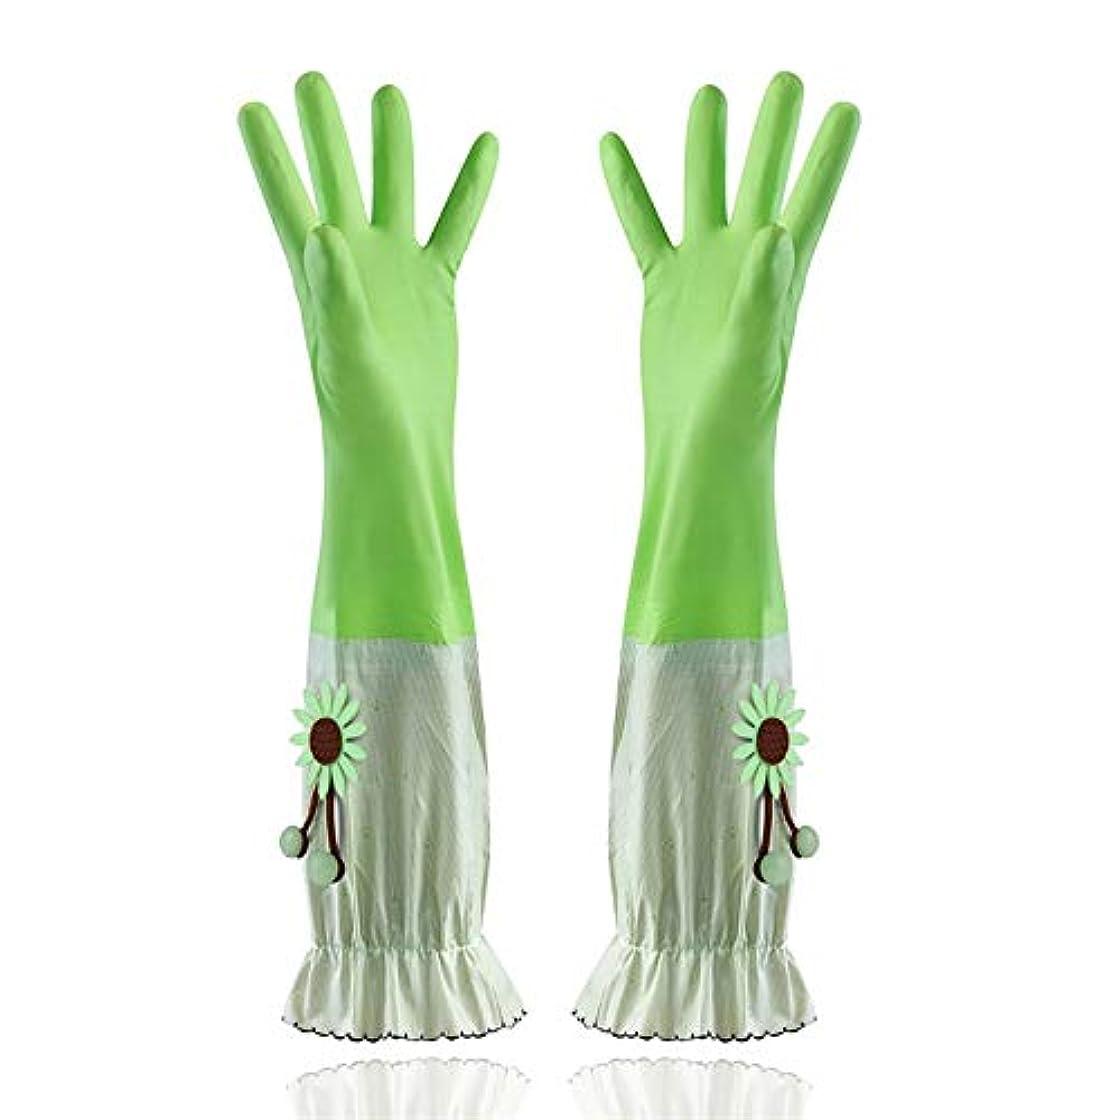 私達偏心クスコニトリルゴム手袋 家庭用手袋防水性と耐久性のあるラテックス厚手PVC手袋 使い捨て手袋 (Color : Green, Size : L)